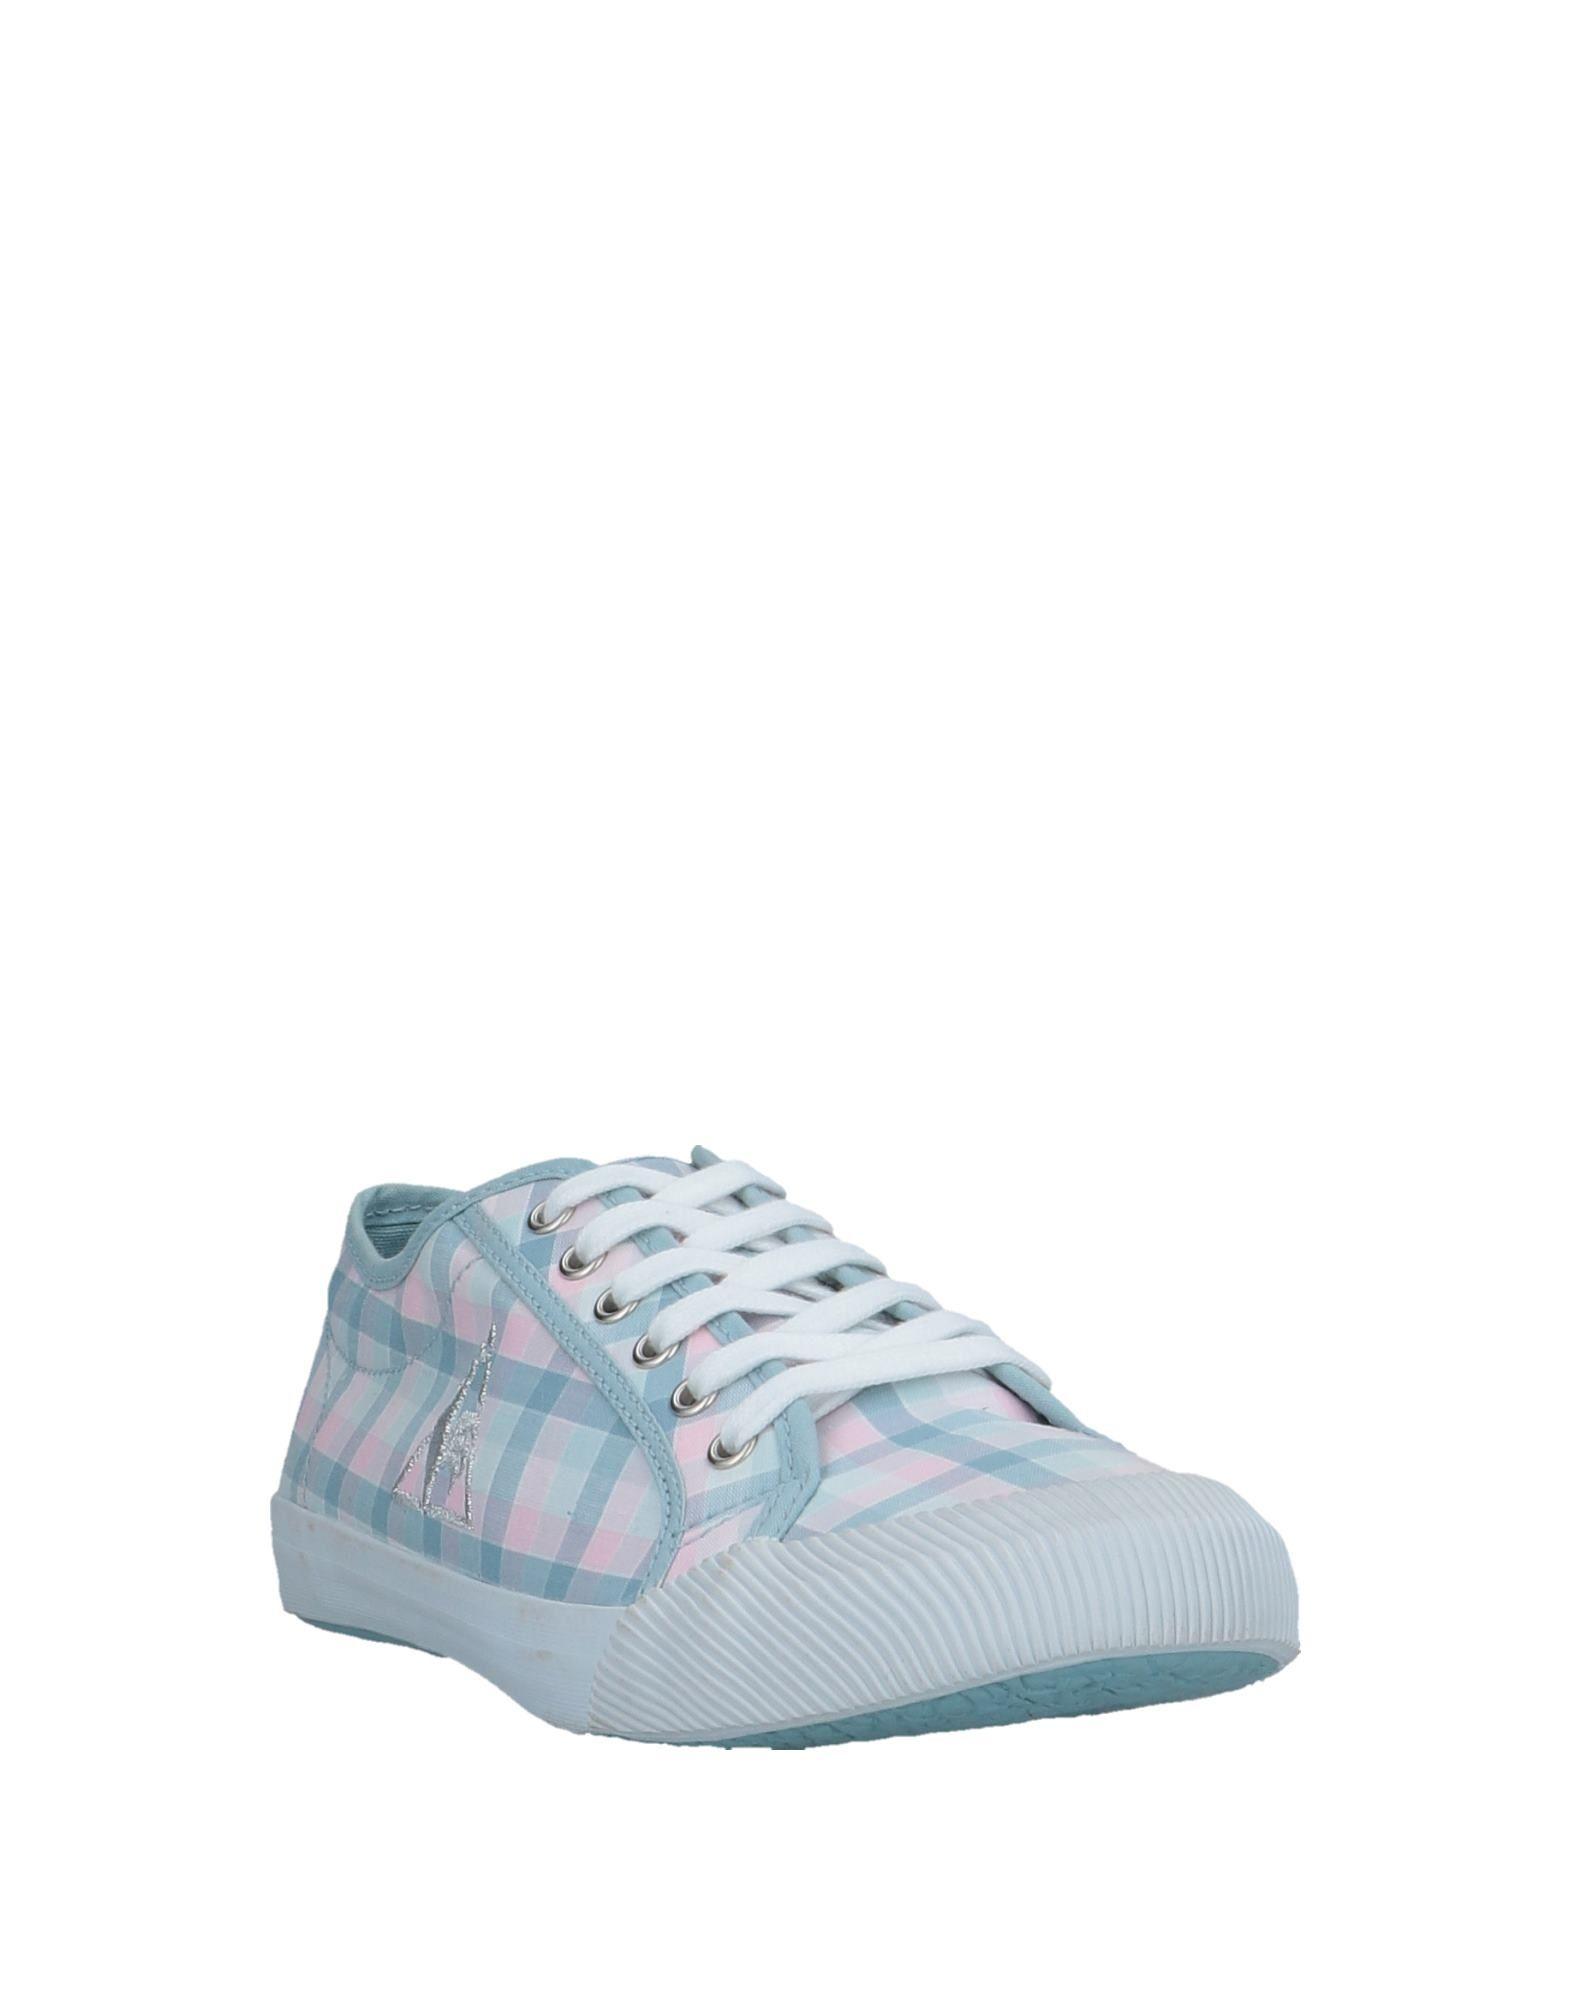 Le Coq Sportif 11536922UC Sneakers Damen  11536922UC Sportif Neue Schuhe 937479